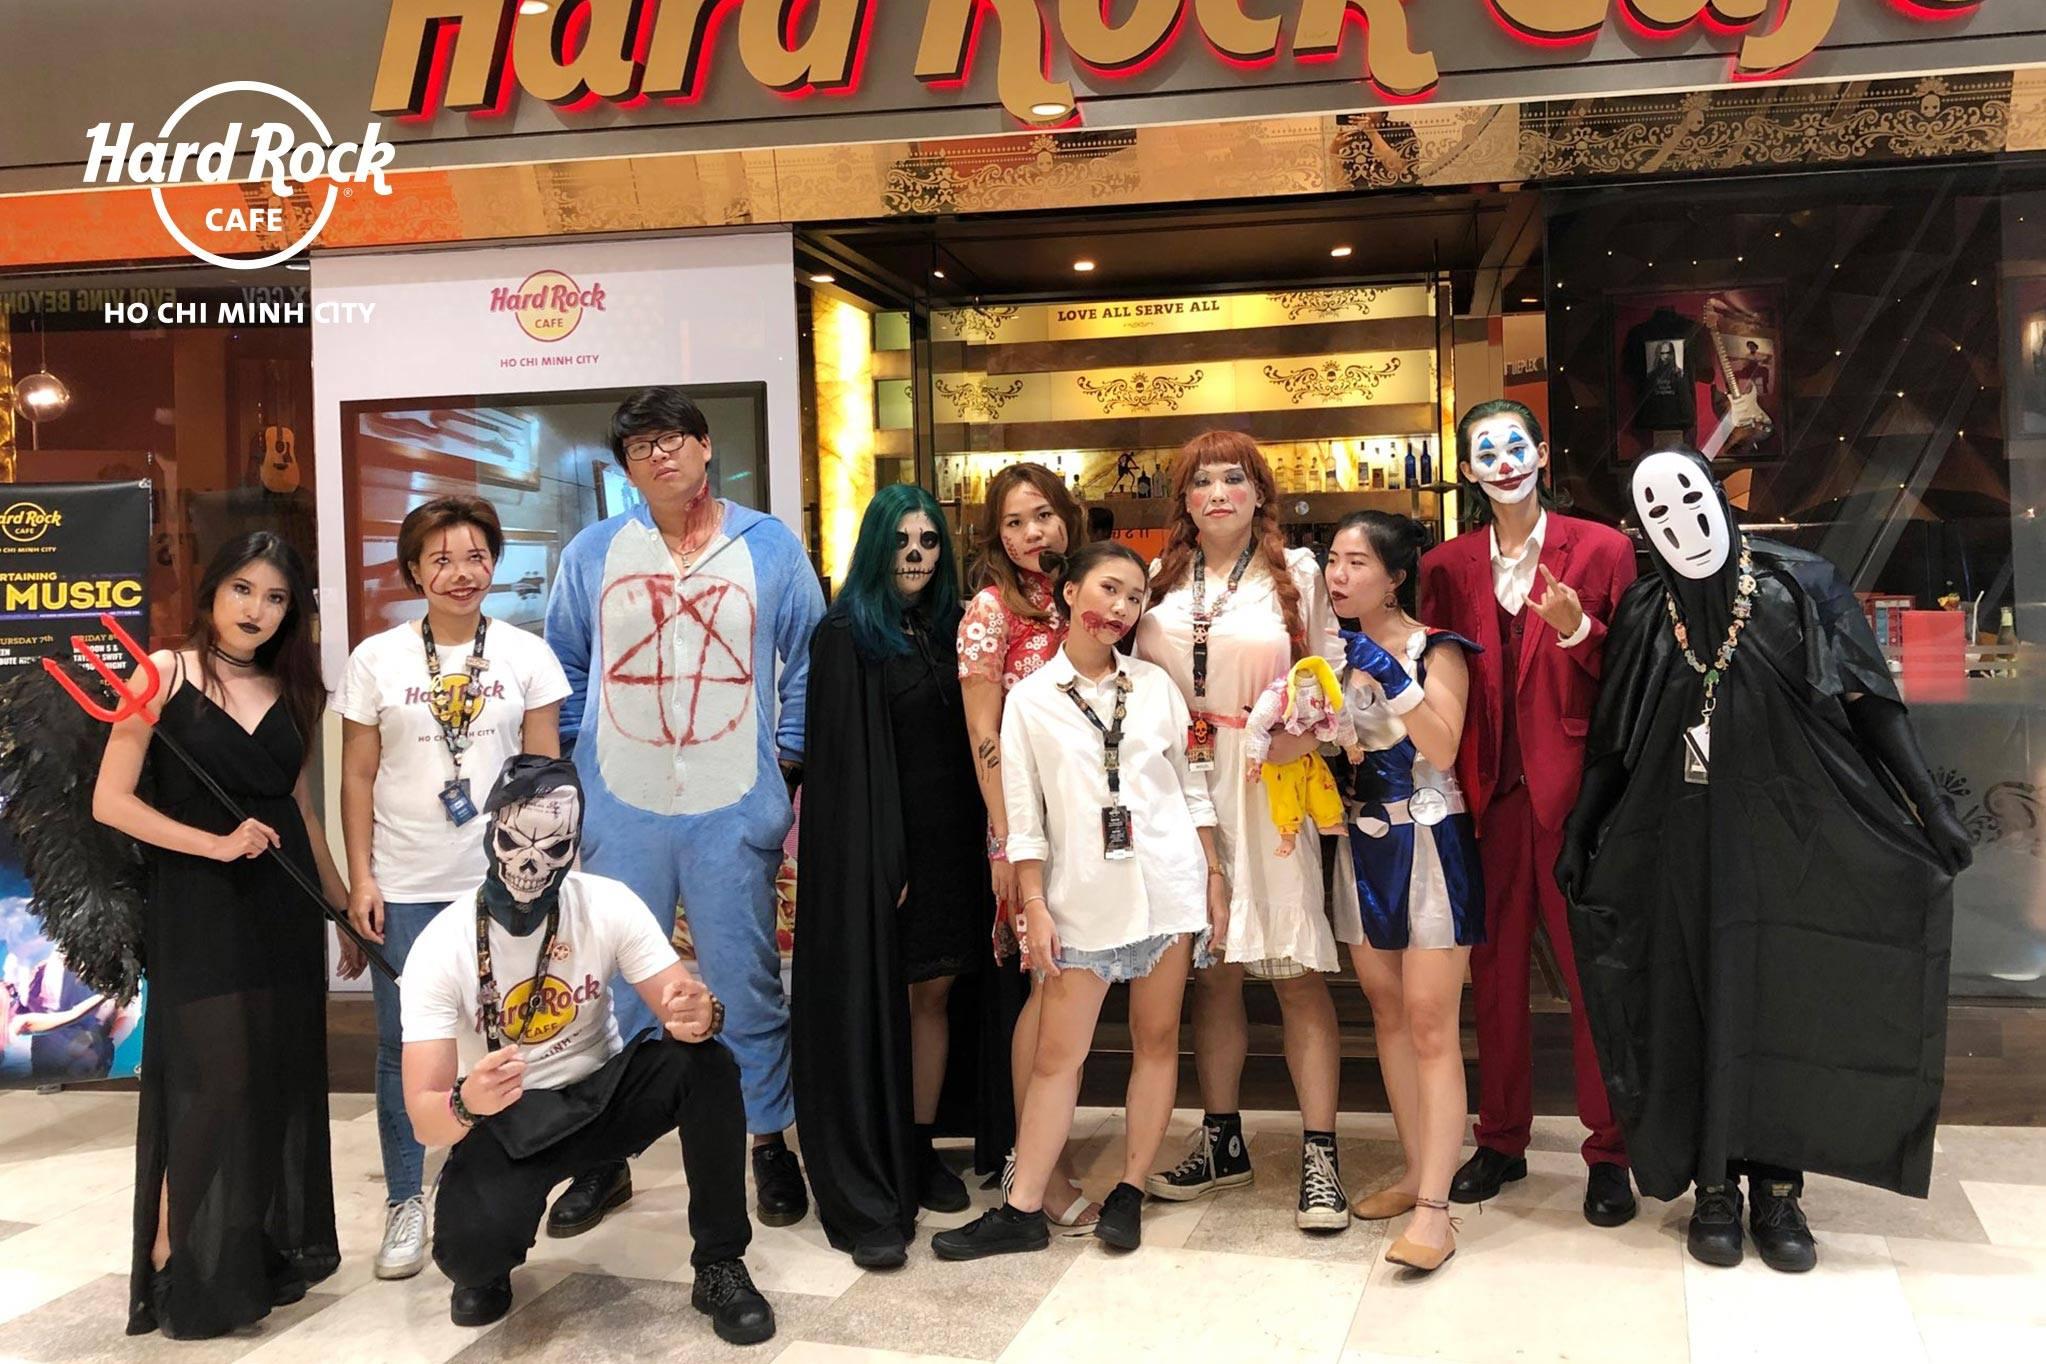 Khám phá loạt địa điểm vui chơi Halloween được check-in nhiều nhất tại Sài Gòn  - Ảnh 18.